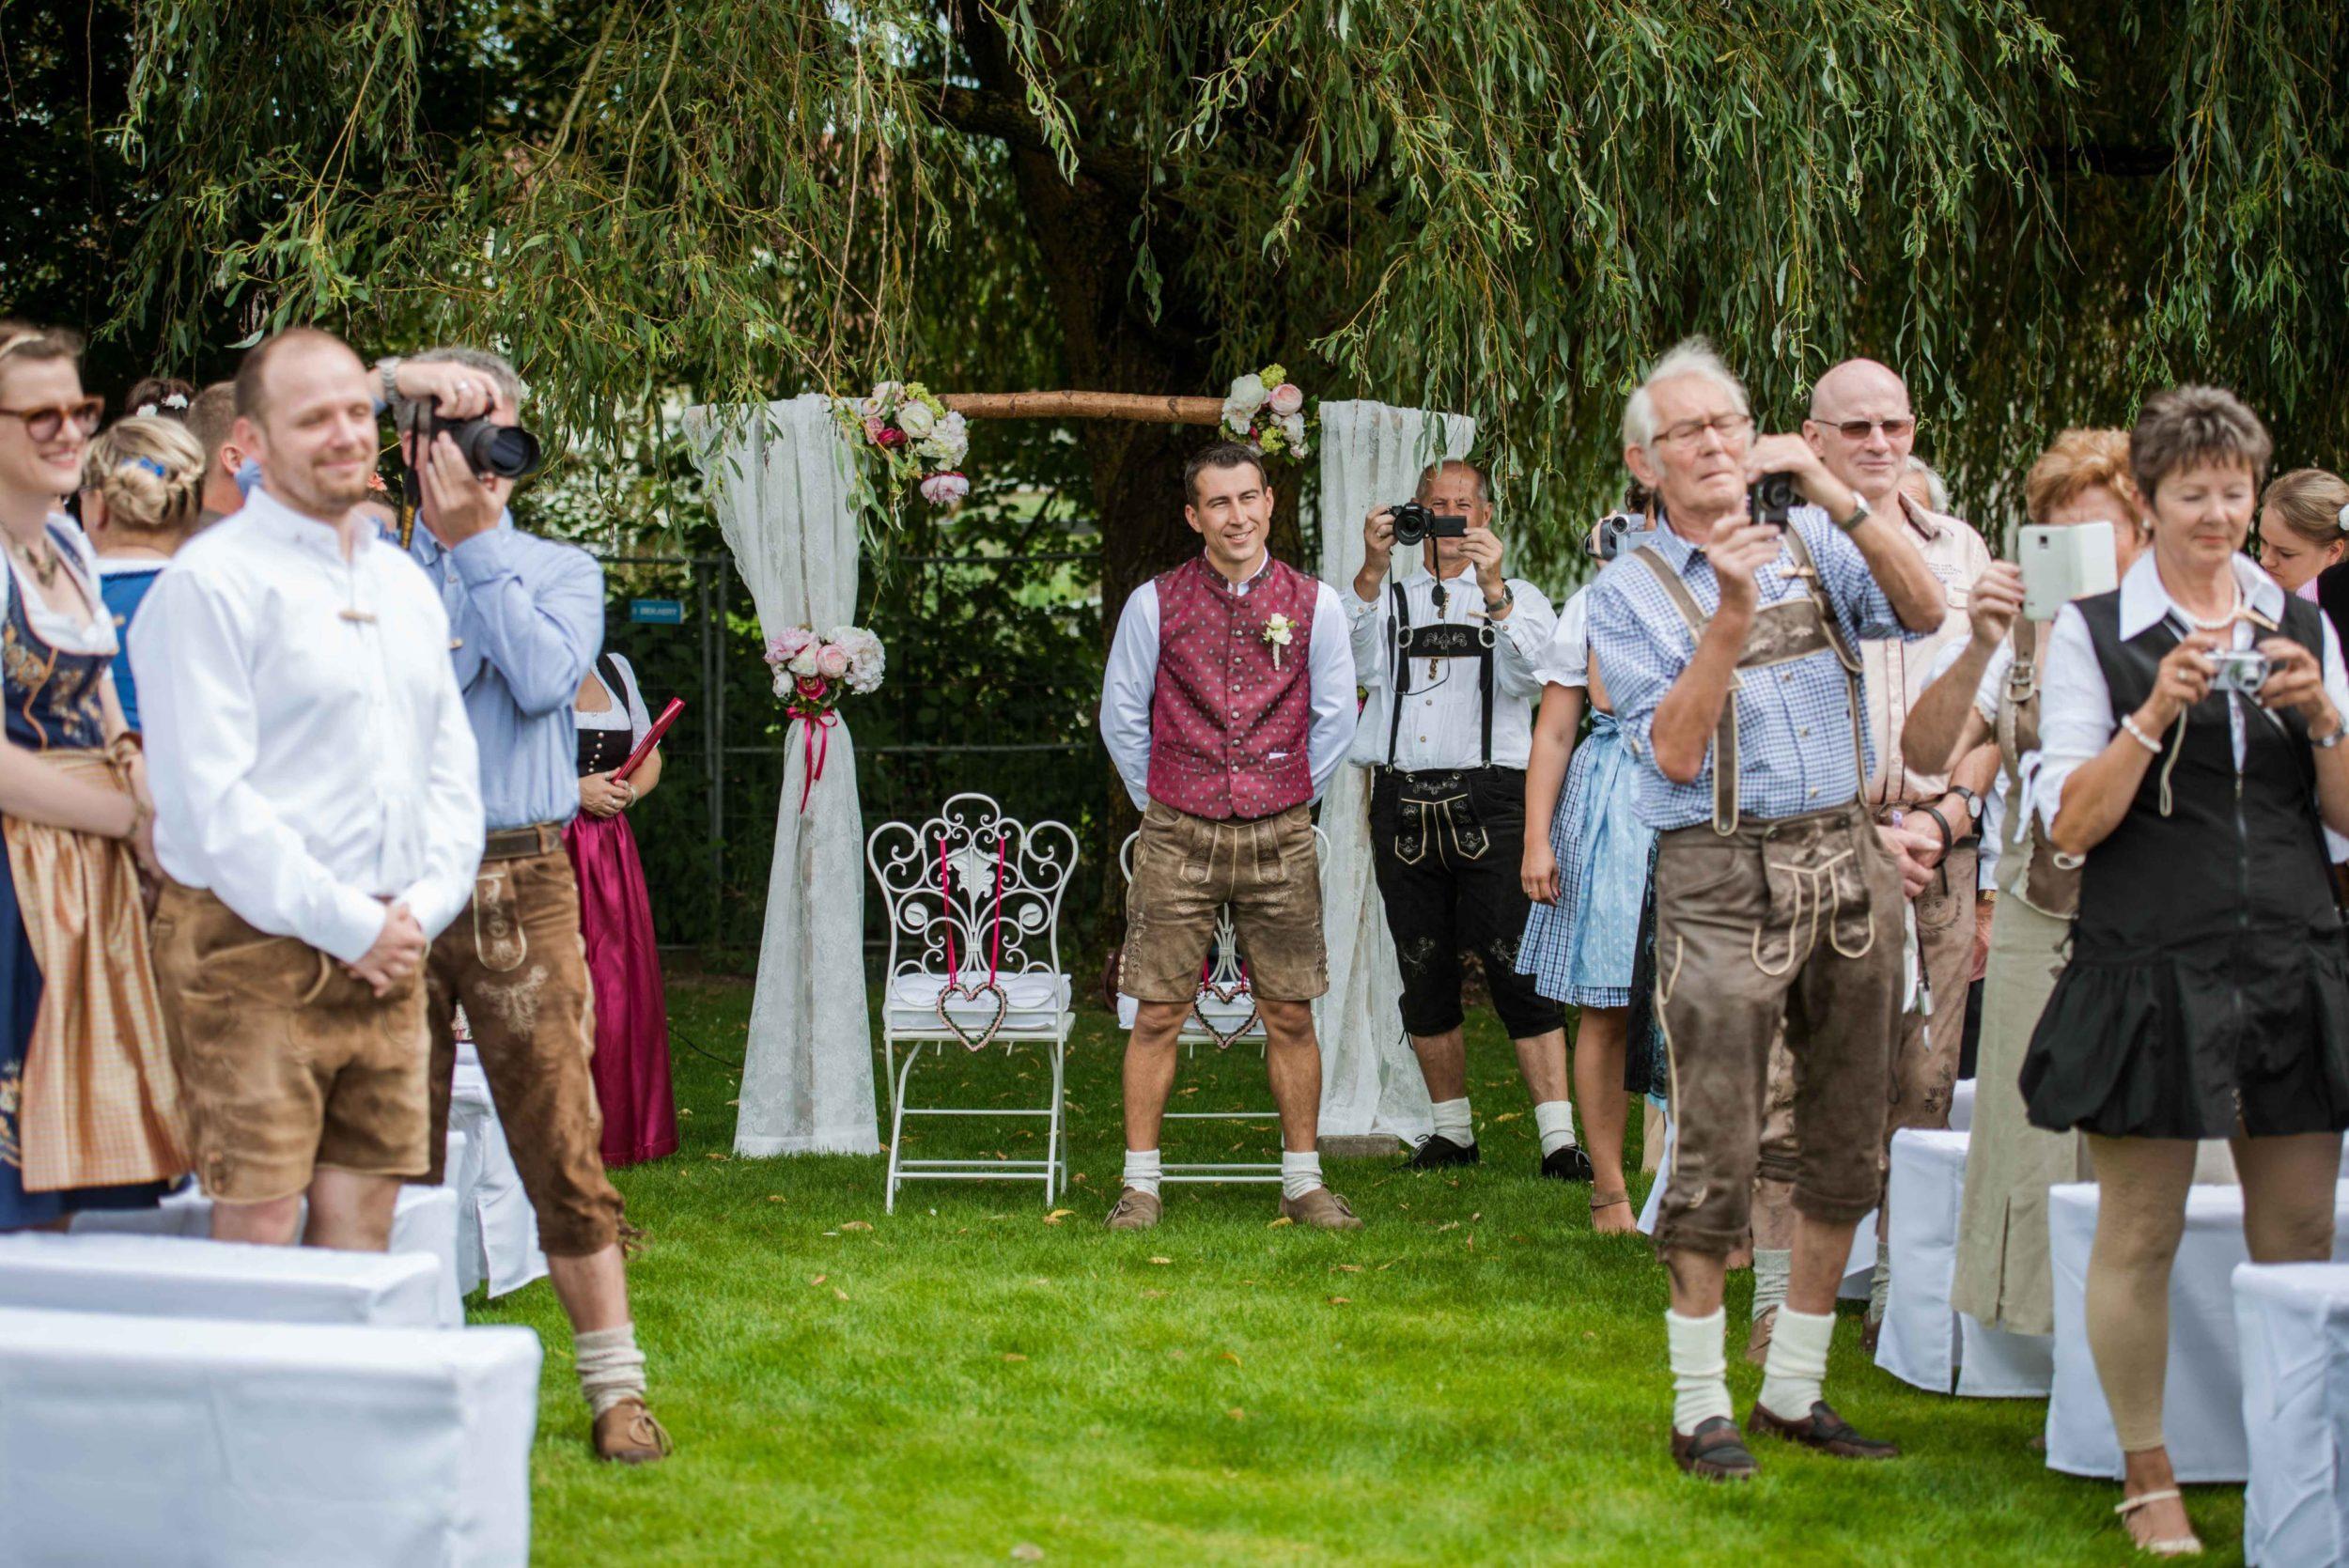 Die Gäste fotografieren die Braut beim Einzug zu einer freien Trauung